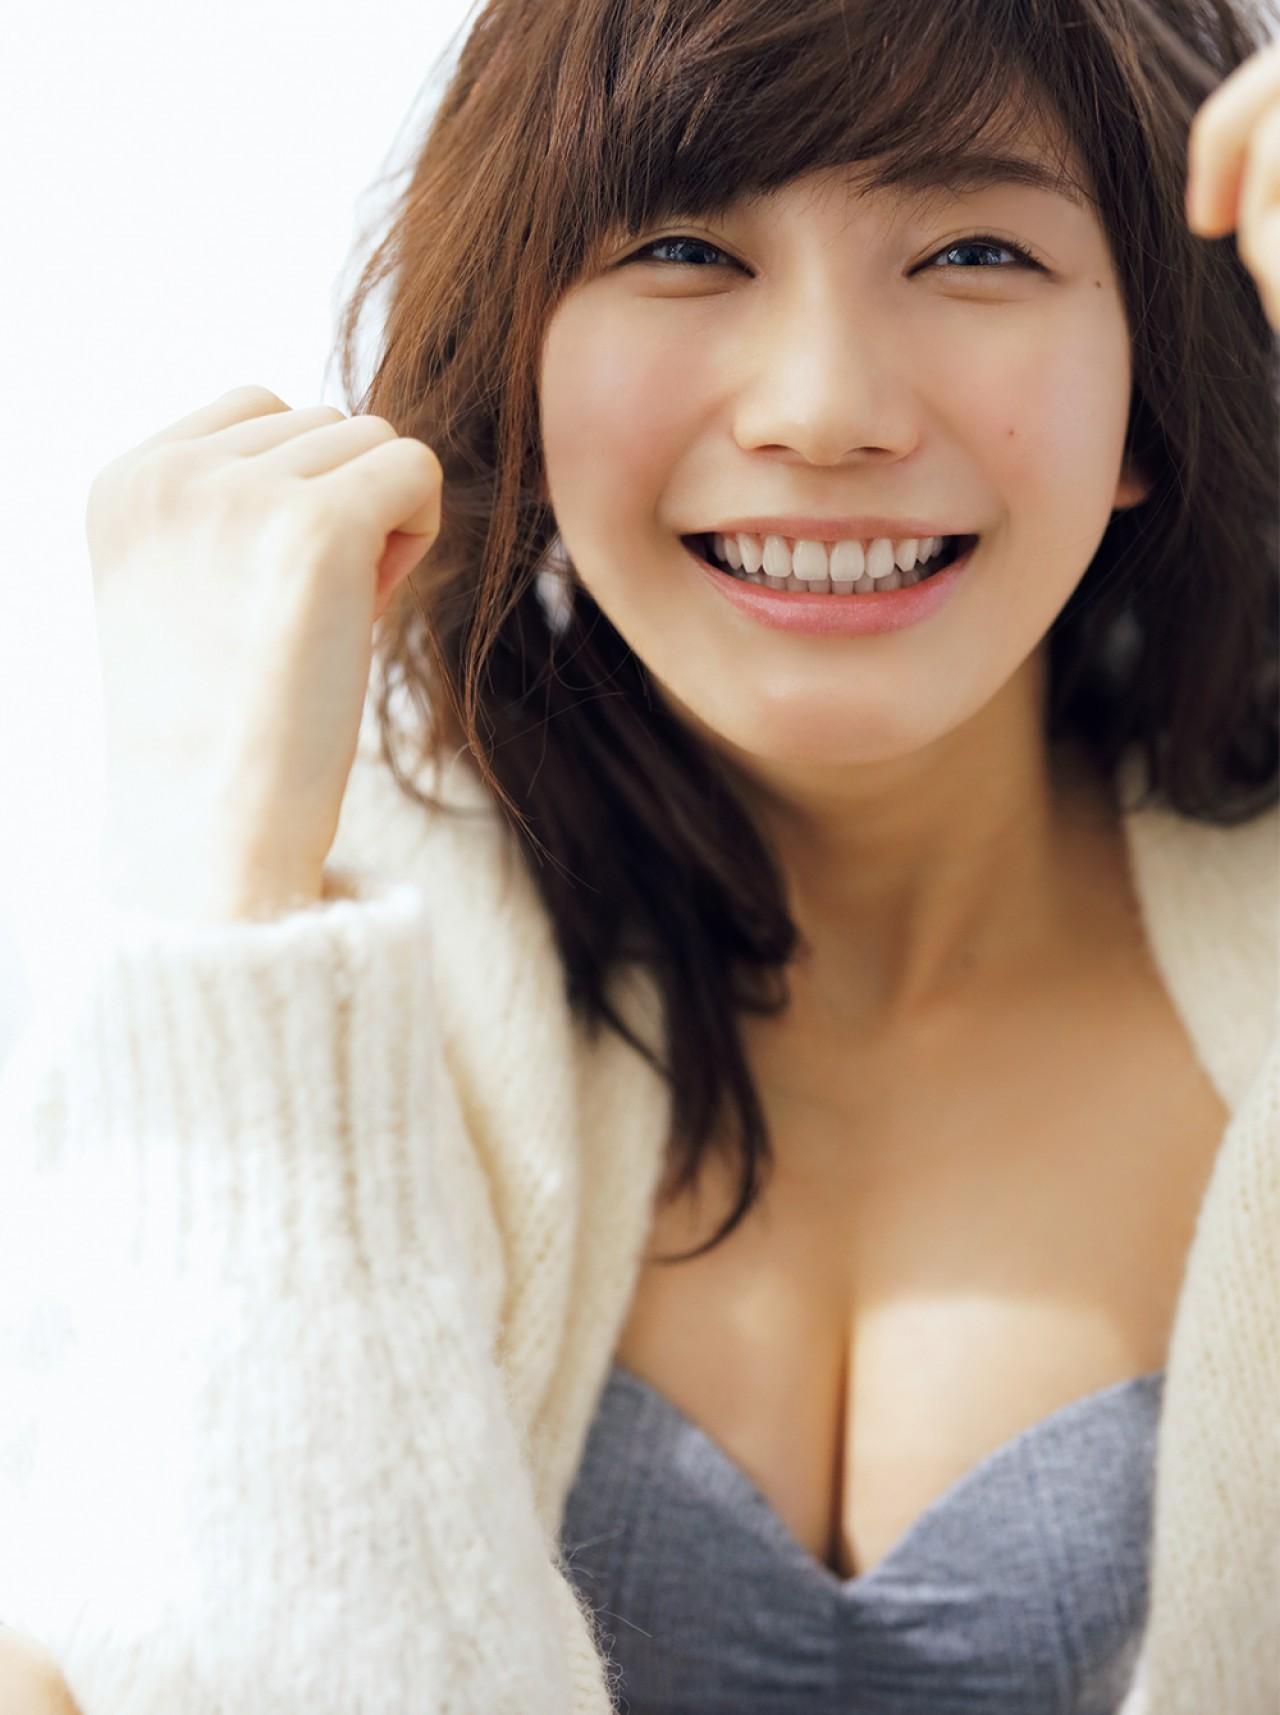 ogura_yuuka150.jpg